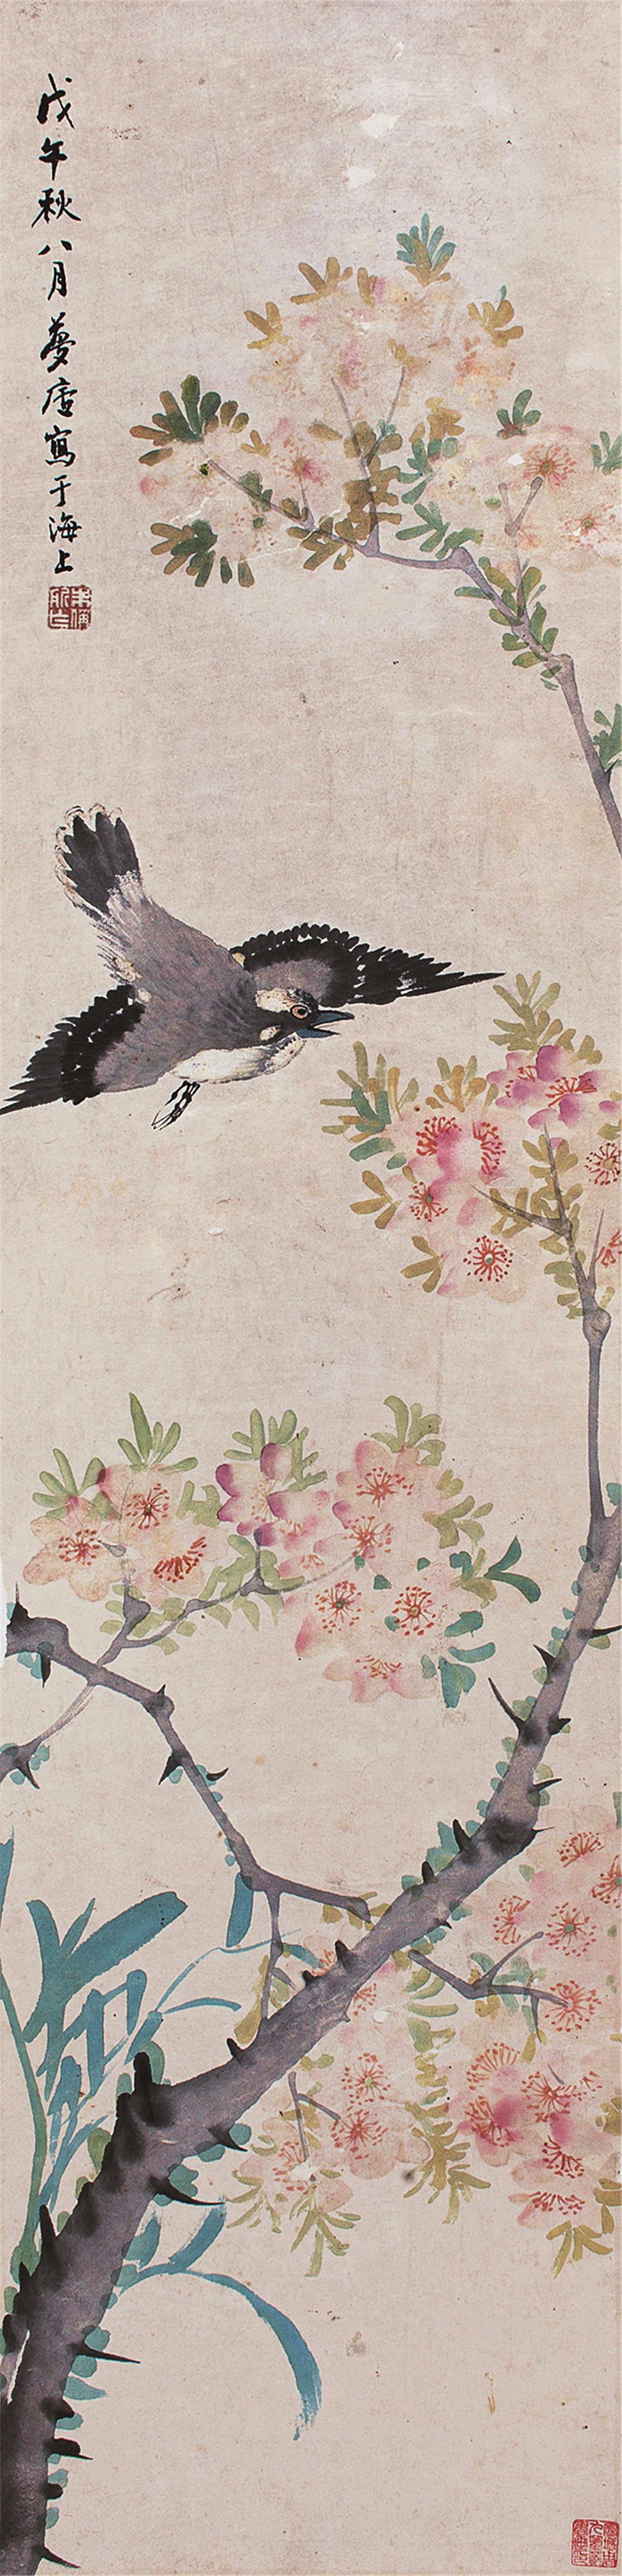 上一件下一件 拍品描述 1858年作  设色纸本  轴 款识:戊午秋八月梦庐